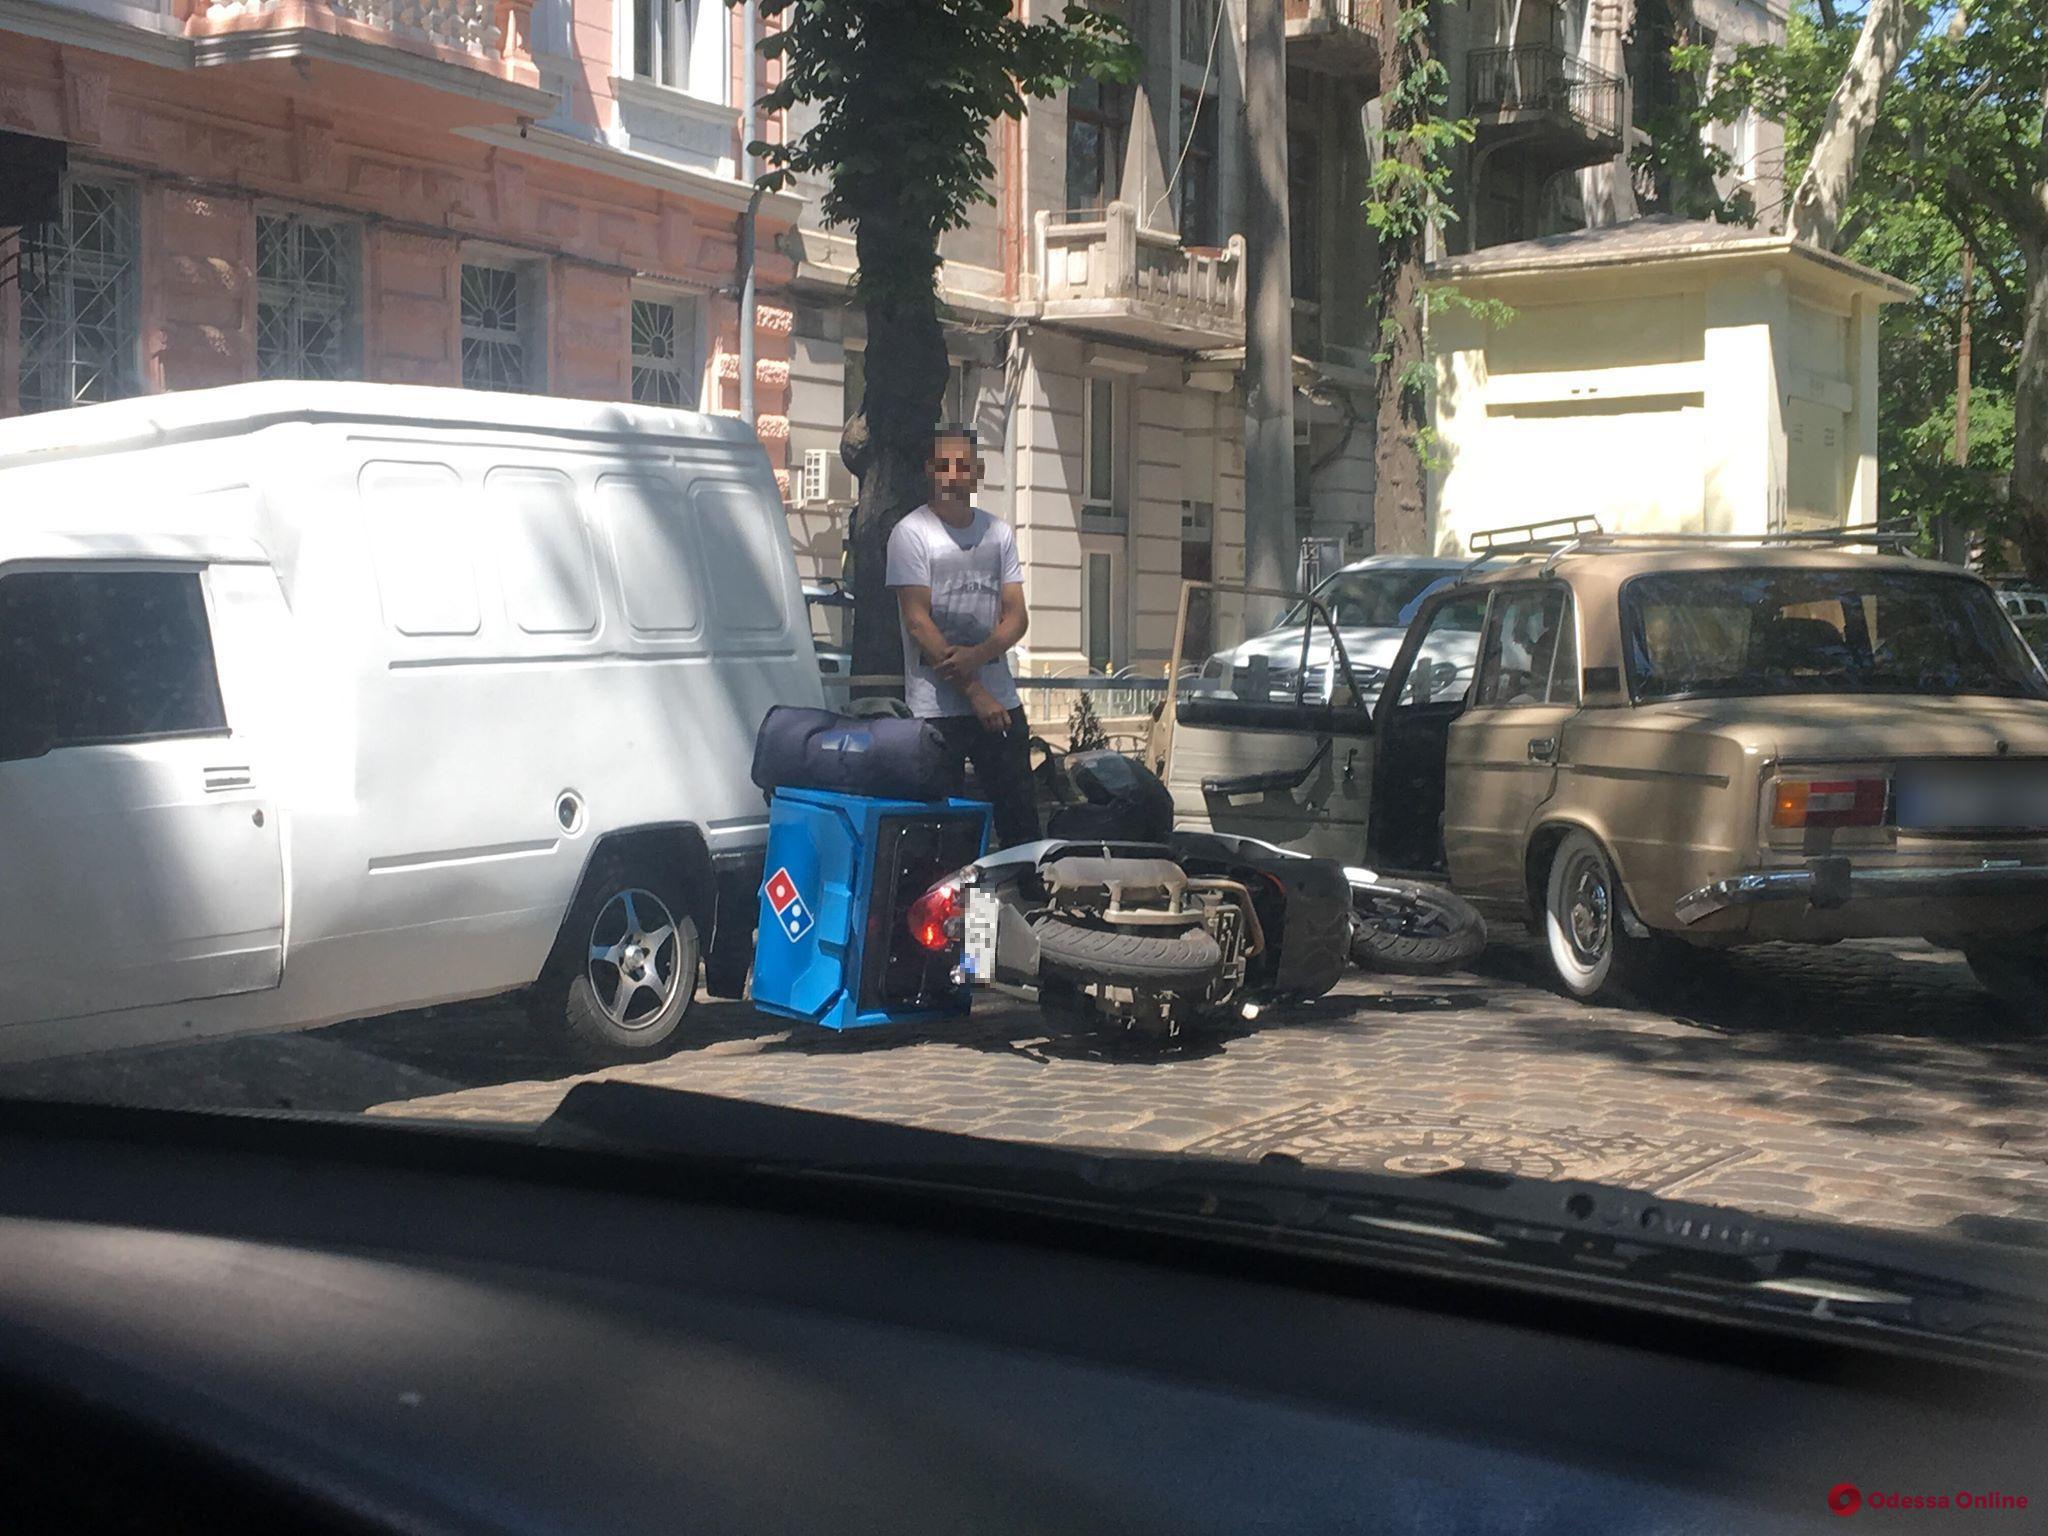 В центре Одессы мопед доставщика еды столкнулся с автомобилем «Жигули»